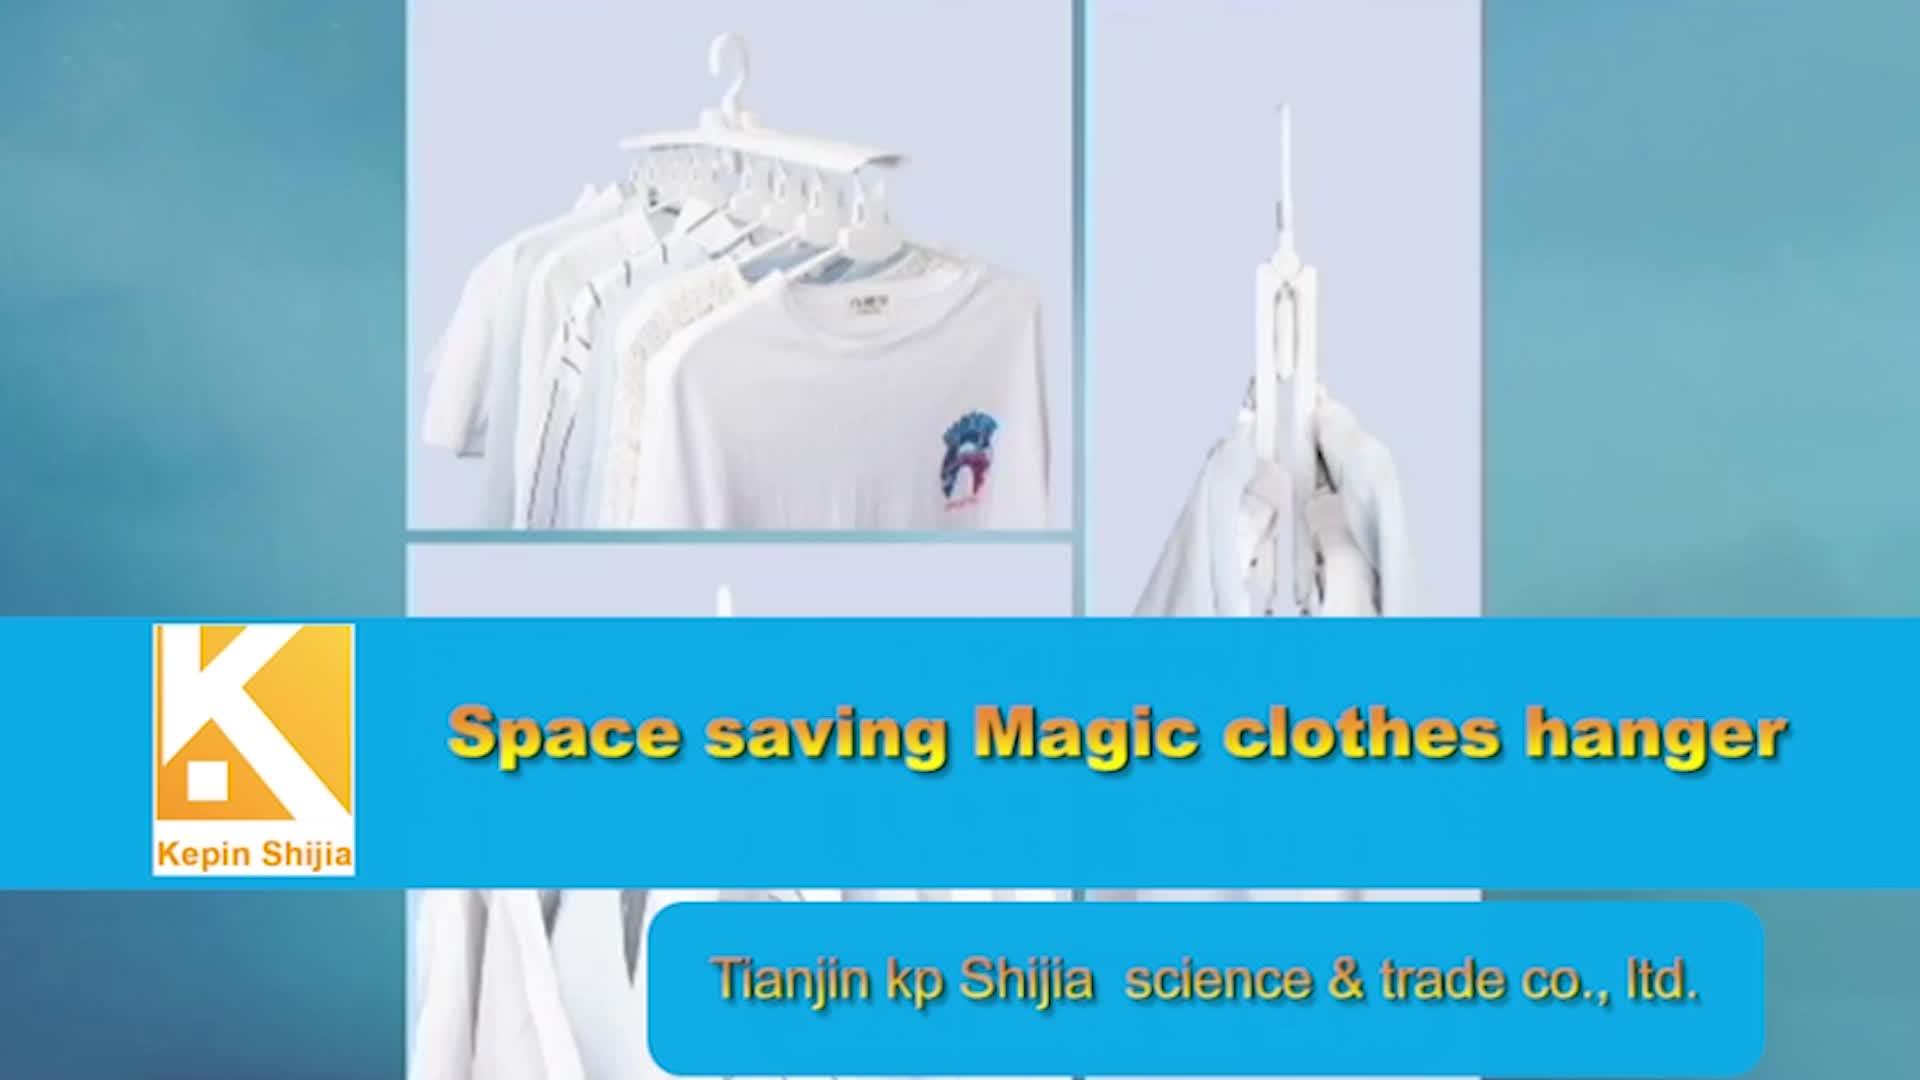 Ganchos giratorios de 360 grados plegables innovadores de alta calidad que ahorran espacio percha mágica duradera para ropa de armario